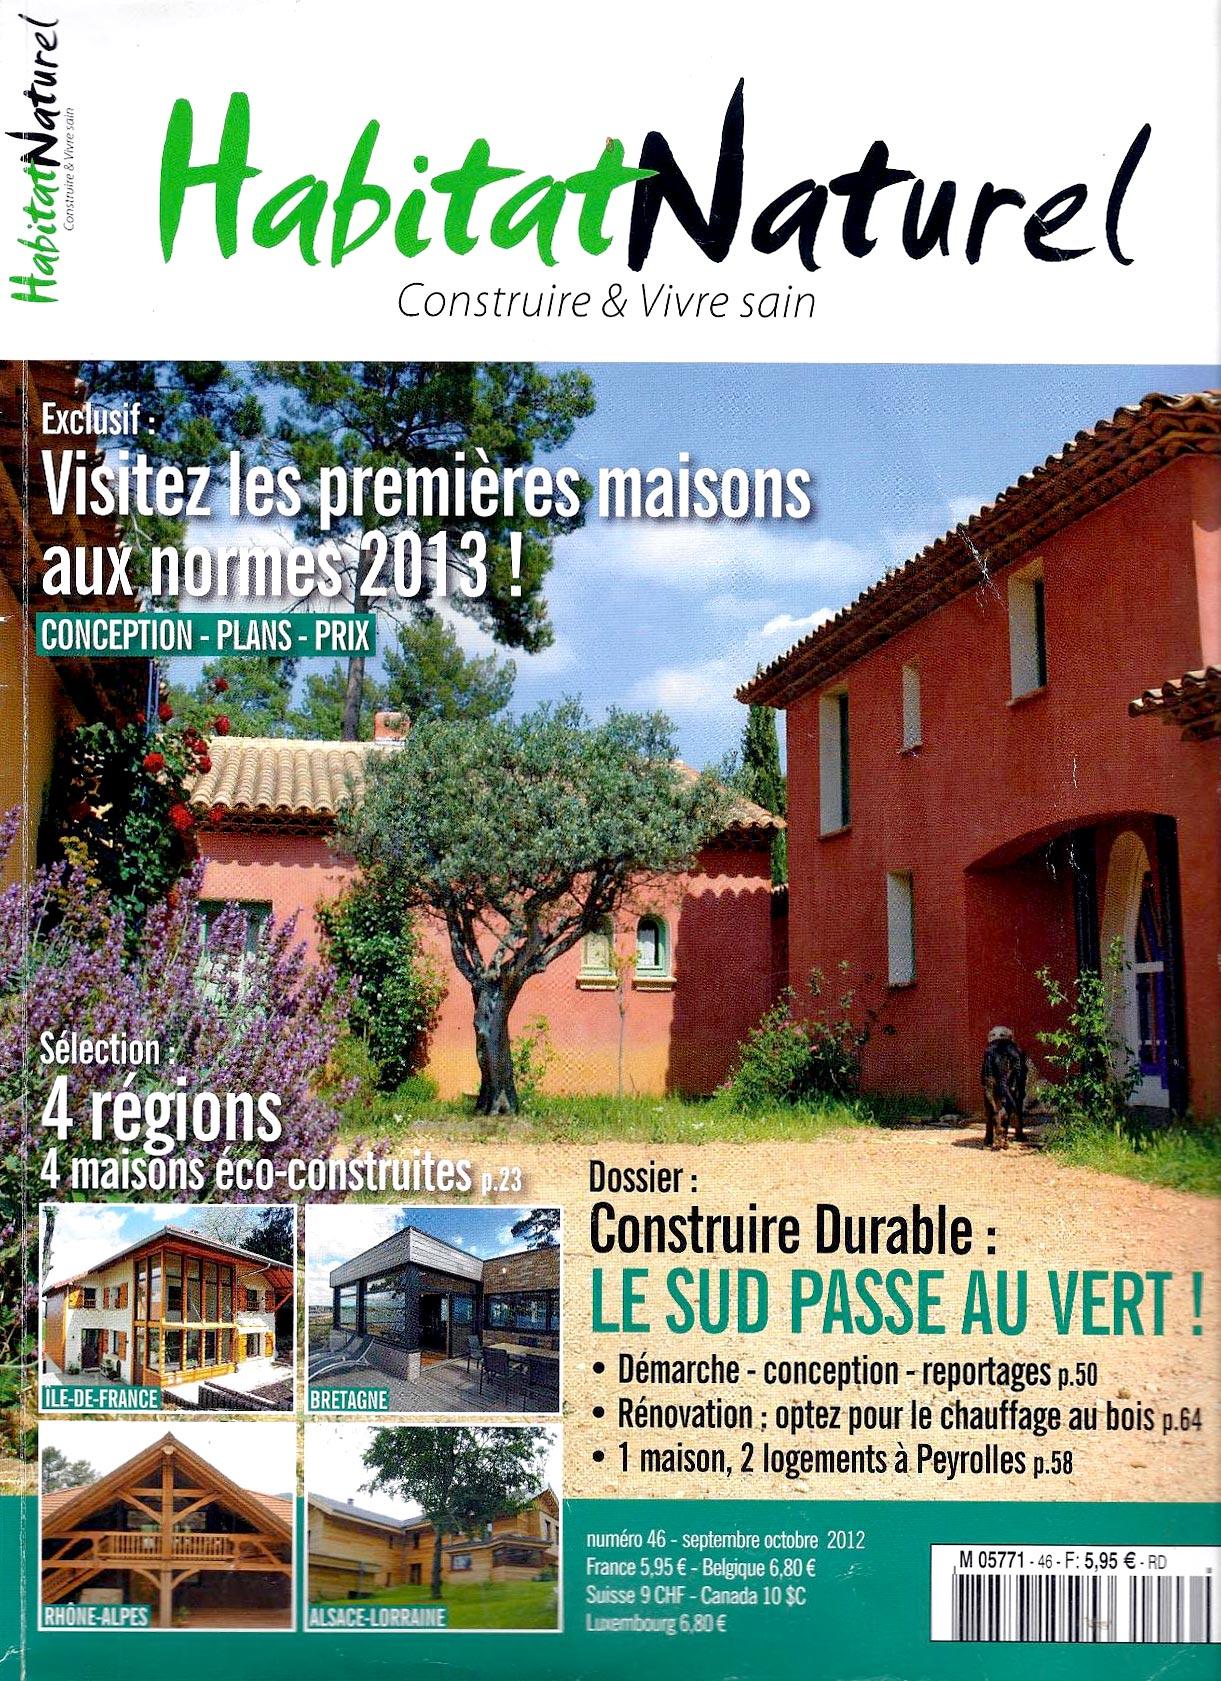 Une magazine Habitat Naturel